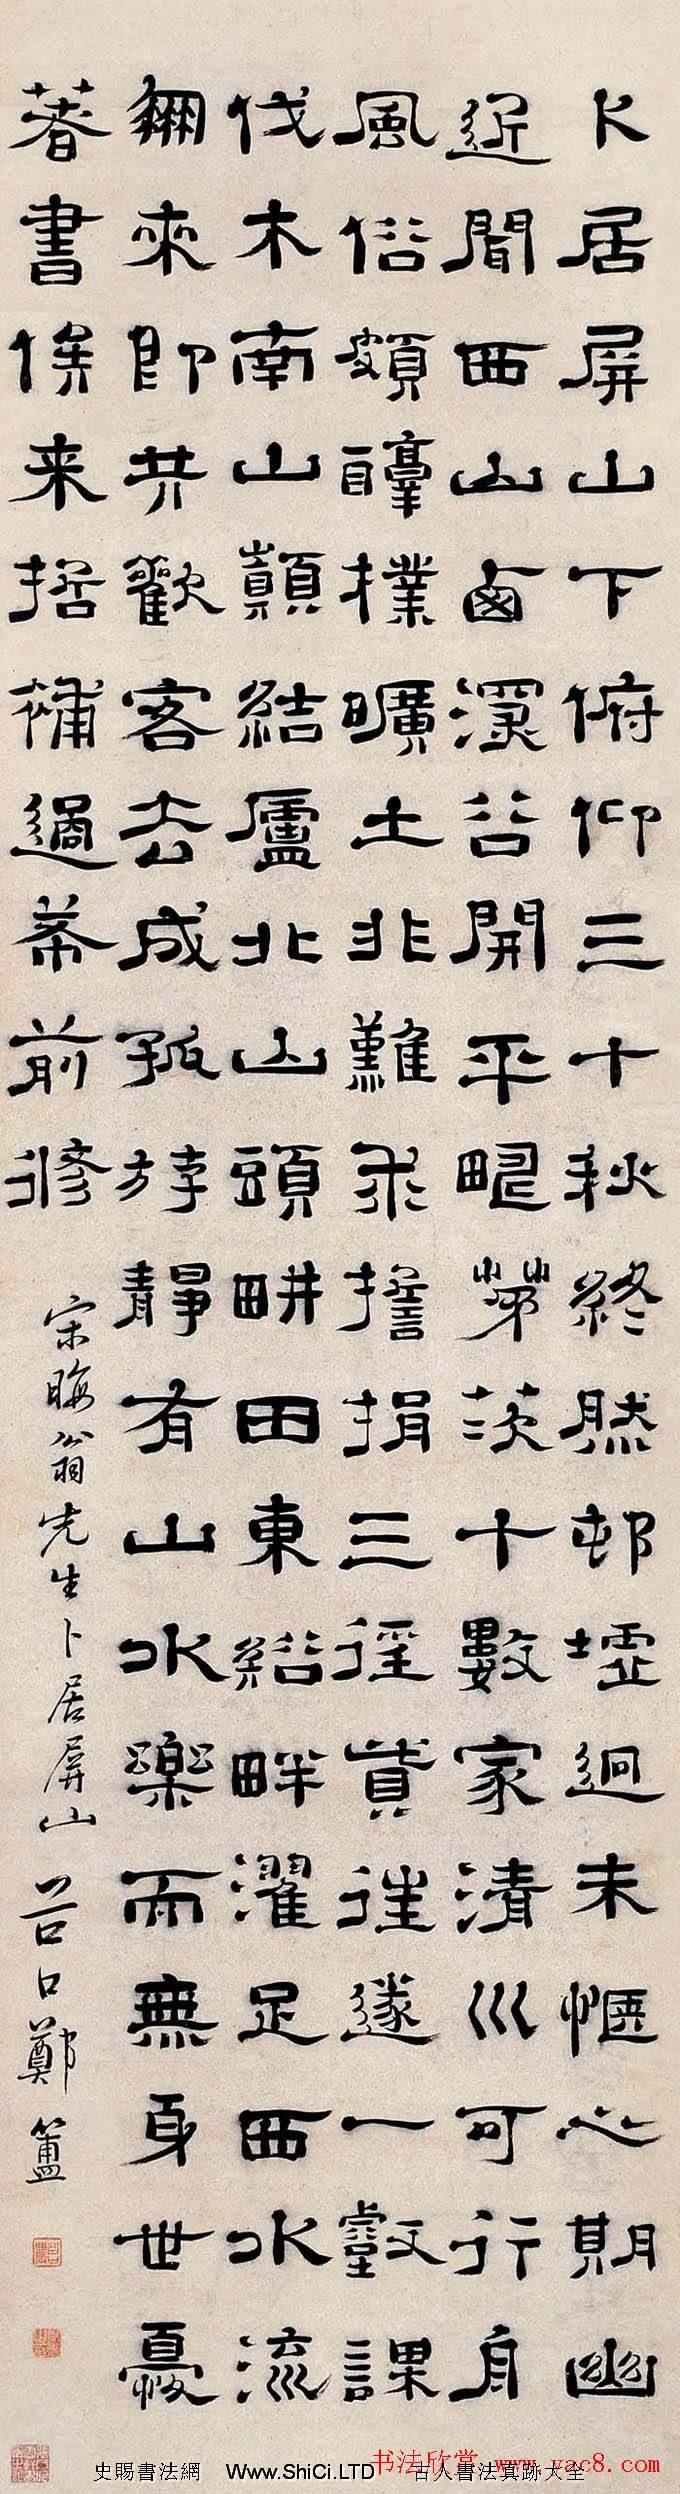 清代隸書第一人鄭簠隸書作品